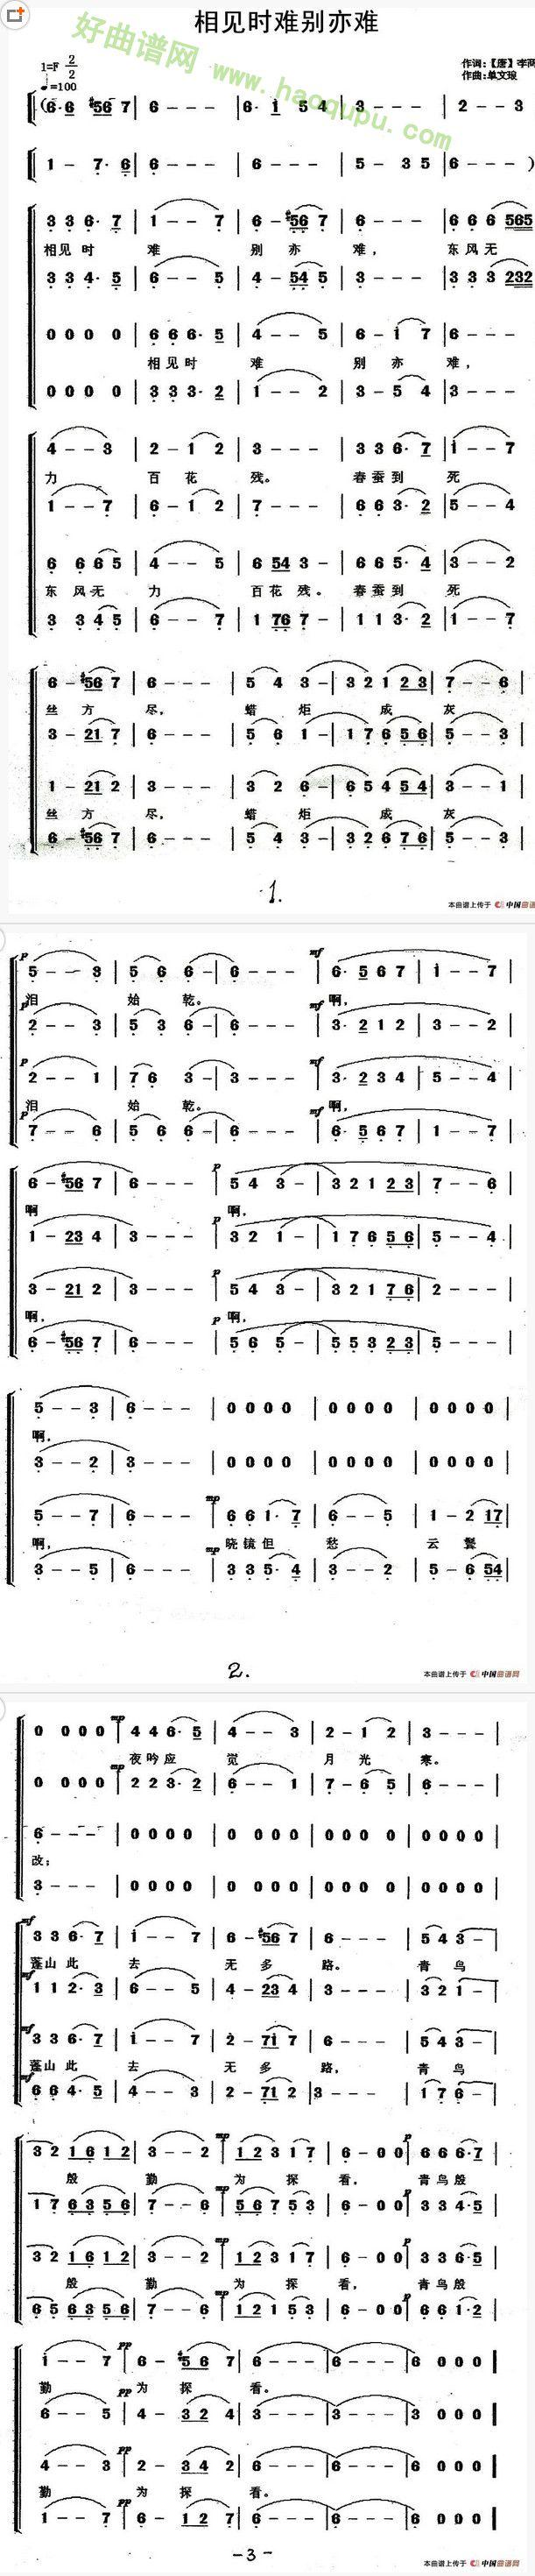 别亦难电子琴简谱歌谱